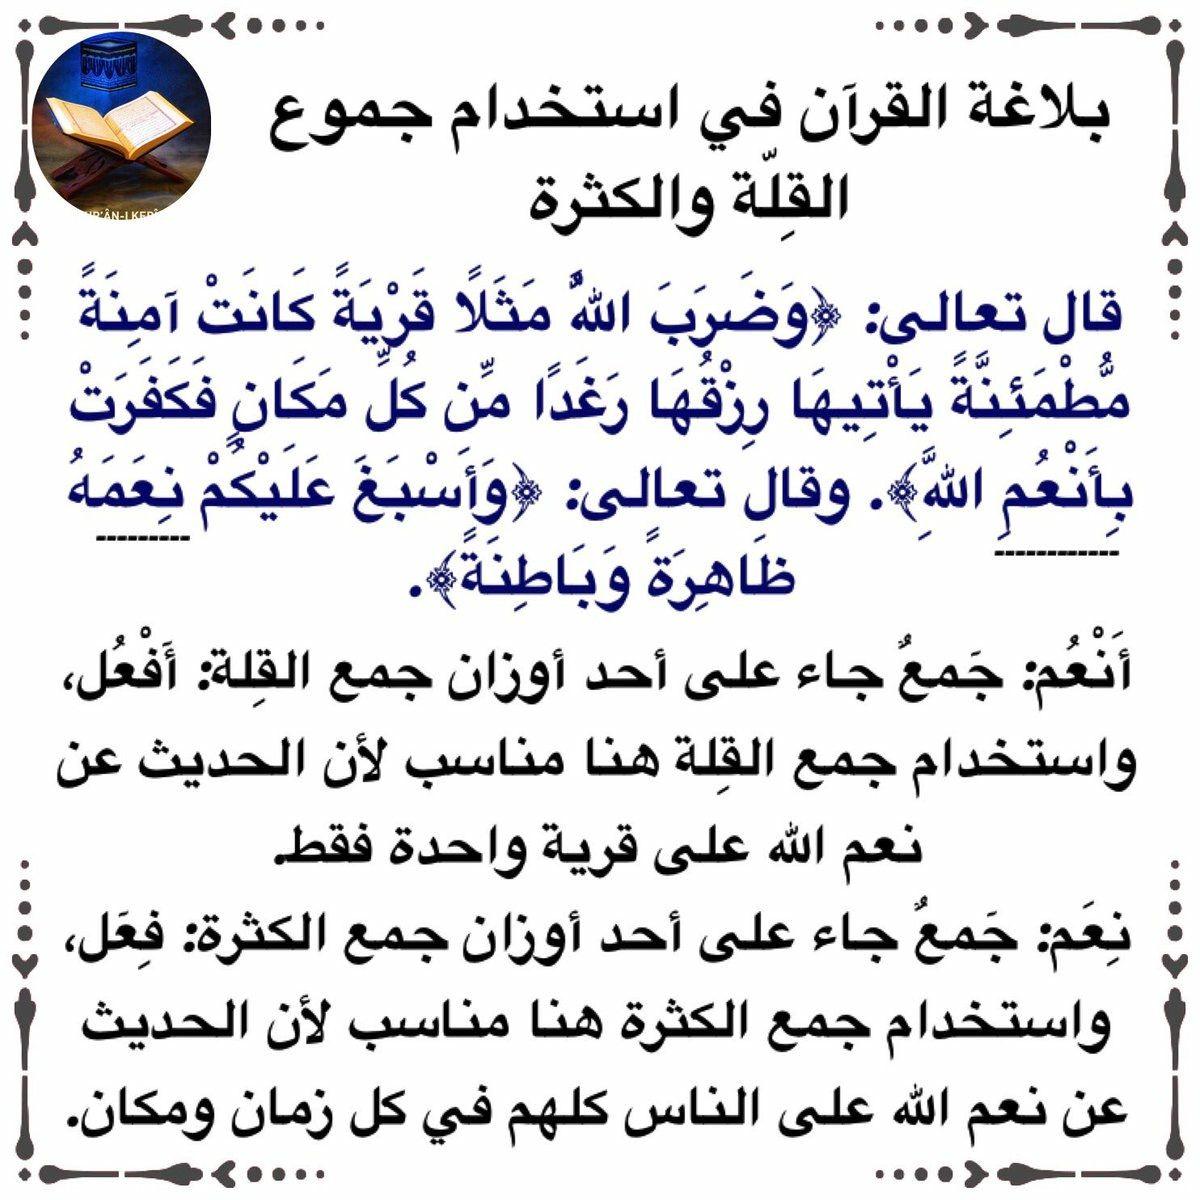 جمع القلة الكثرة في القرآن Beautiful Arabic Words Words Arabic Words